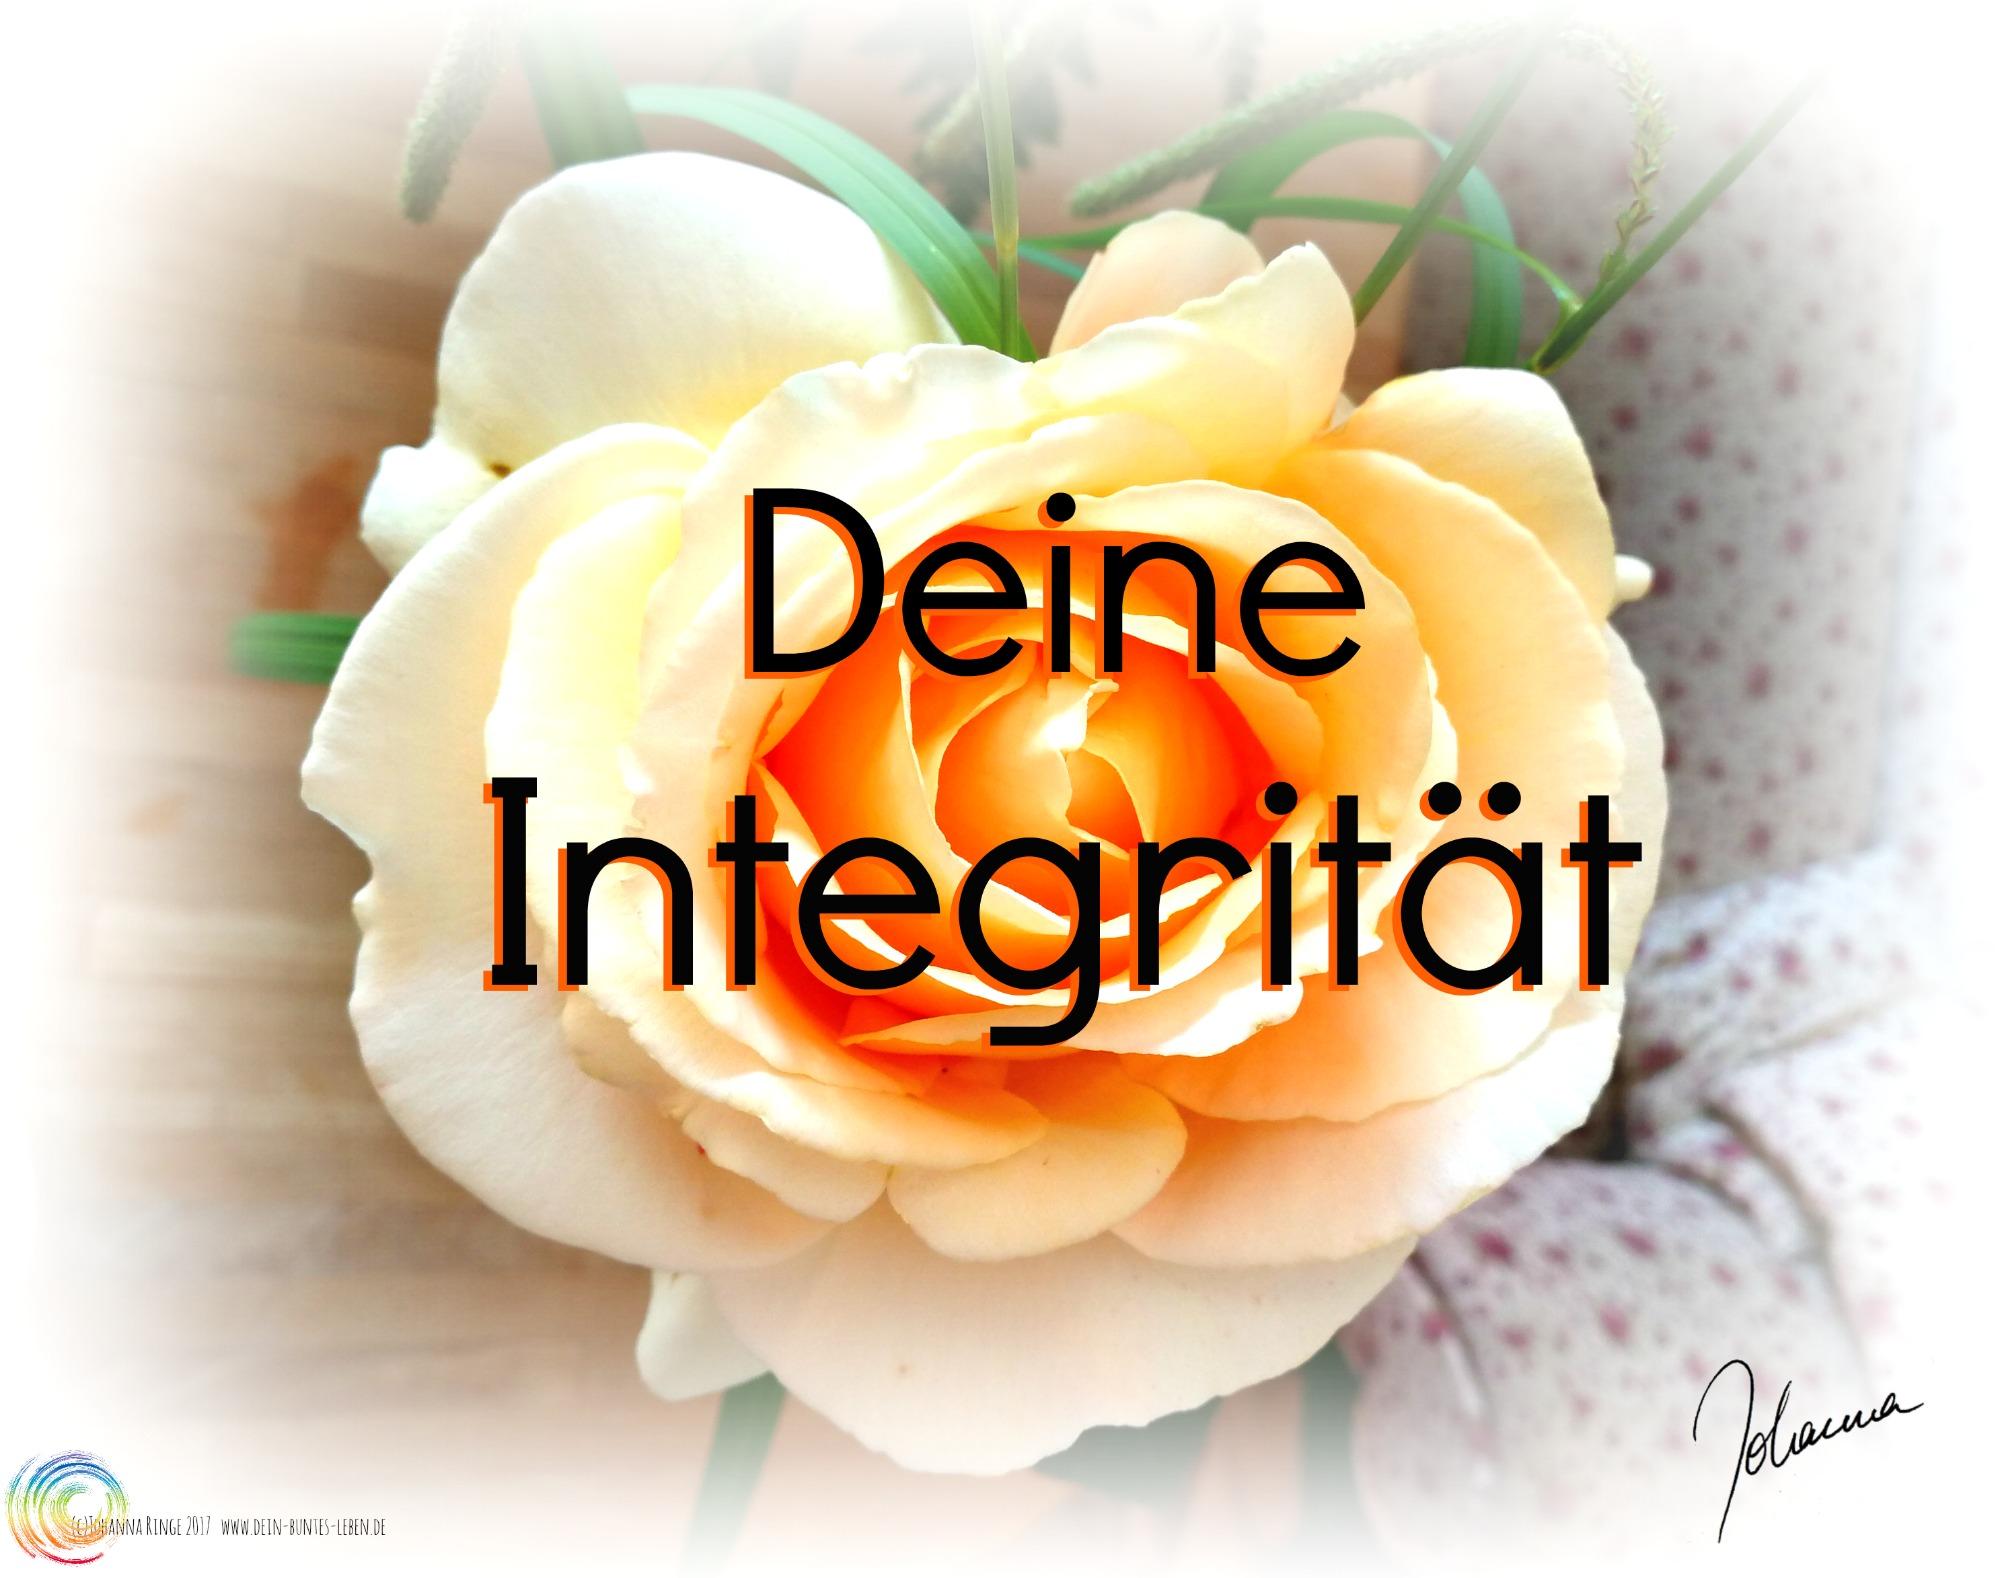 Foto einer zarten Rosenblüte mit Text: Deine Integrität . (c) Johanna Ringe 2017 www.dein-buntes-leben.de